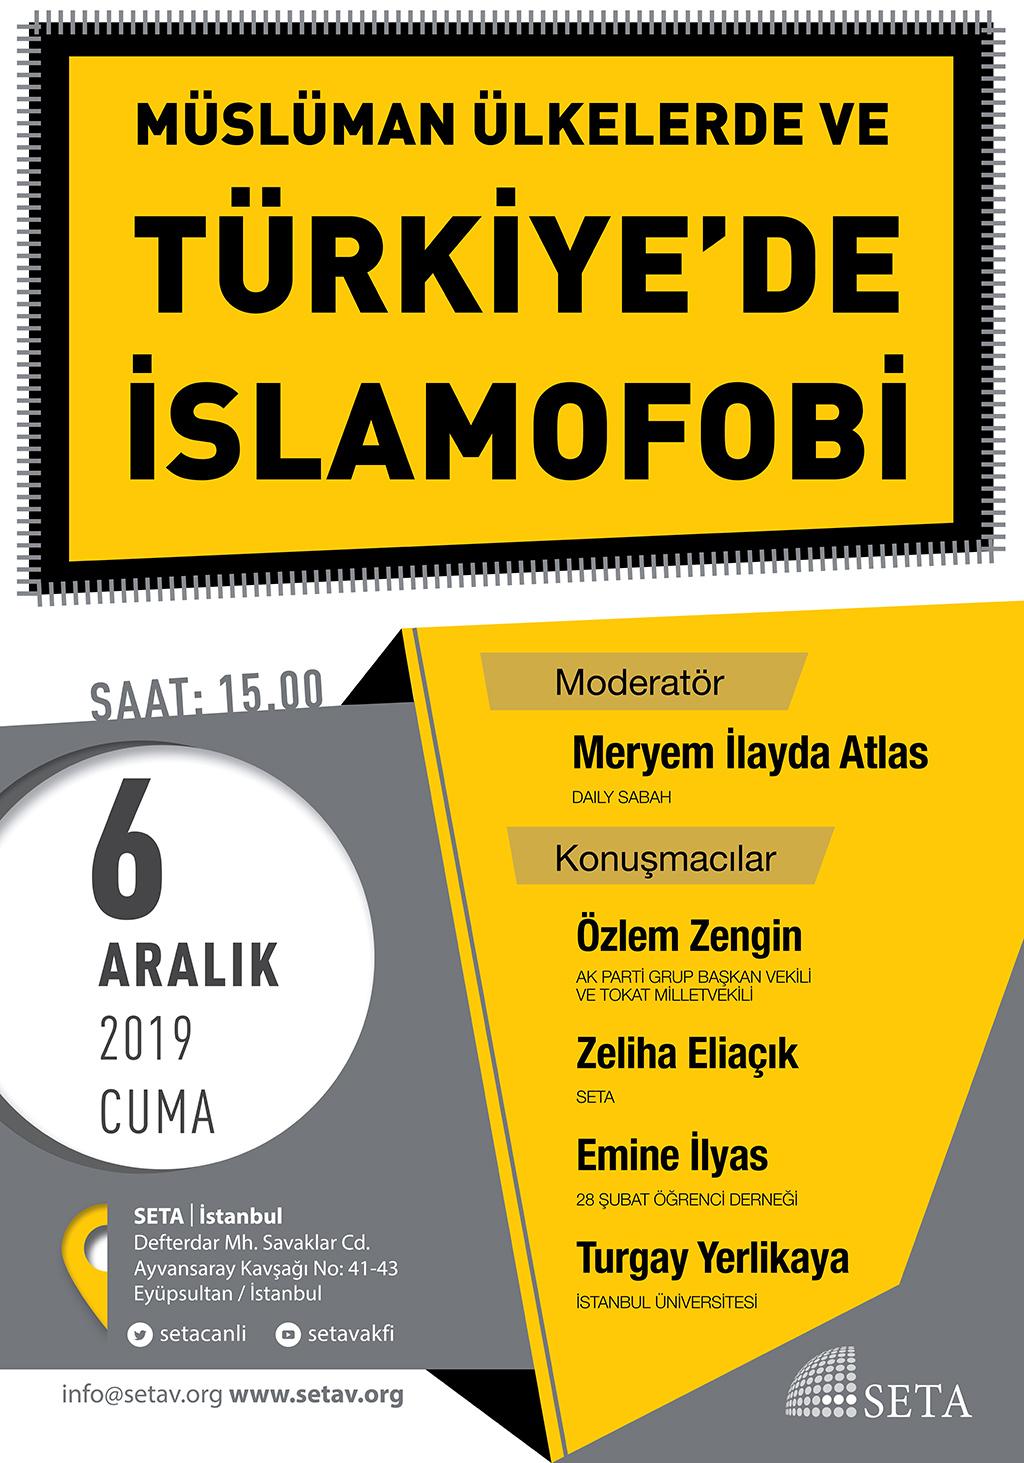 Panel: Müslüman Ülkelerde ve Türkiye'de İslamofobi